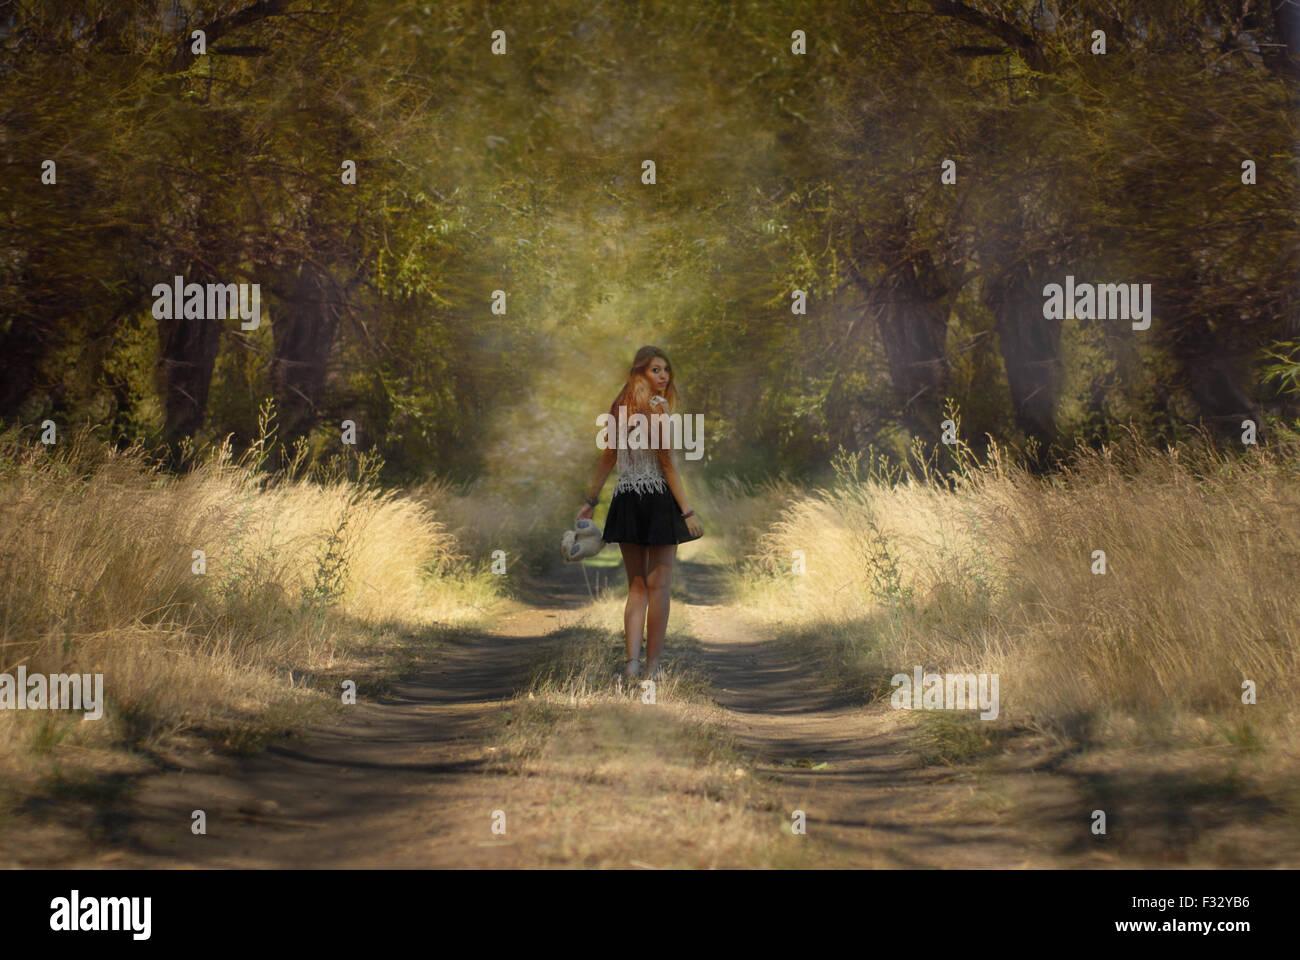 Ragazza alta walking trouhgt foresta guardando indietro Immagini Stock